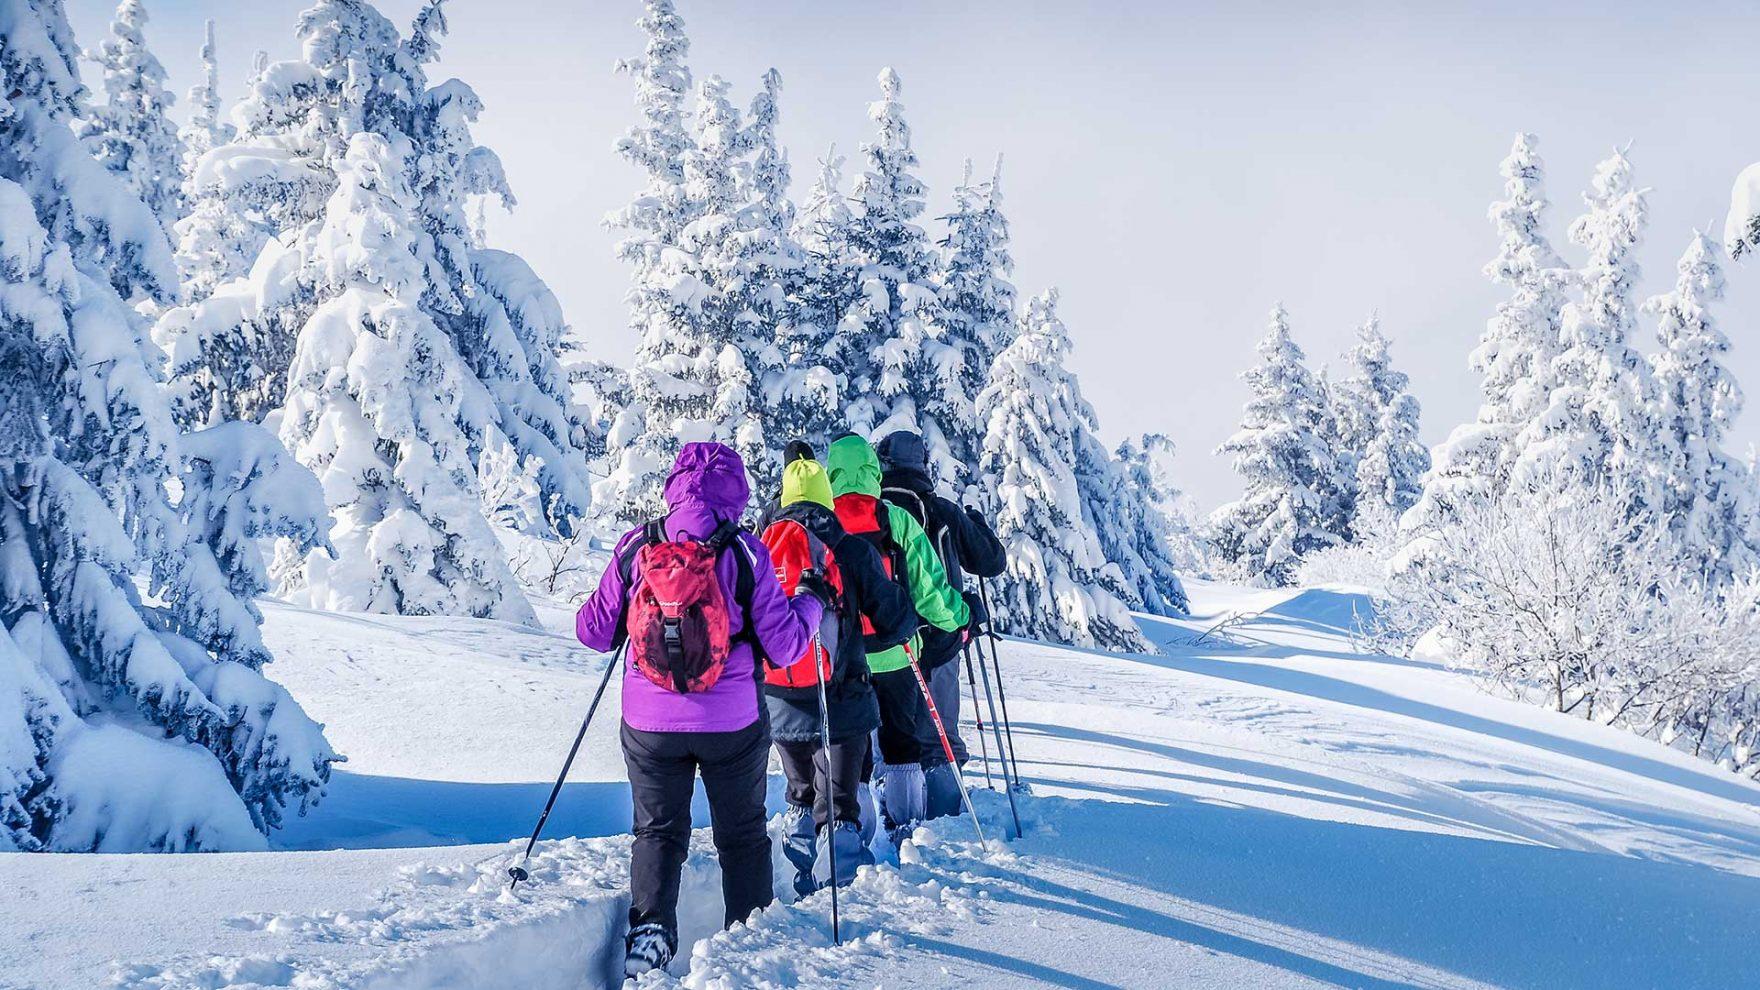 Vacanze invernali a Merano e dintorni - Vacanze escursionistiche